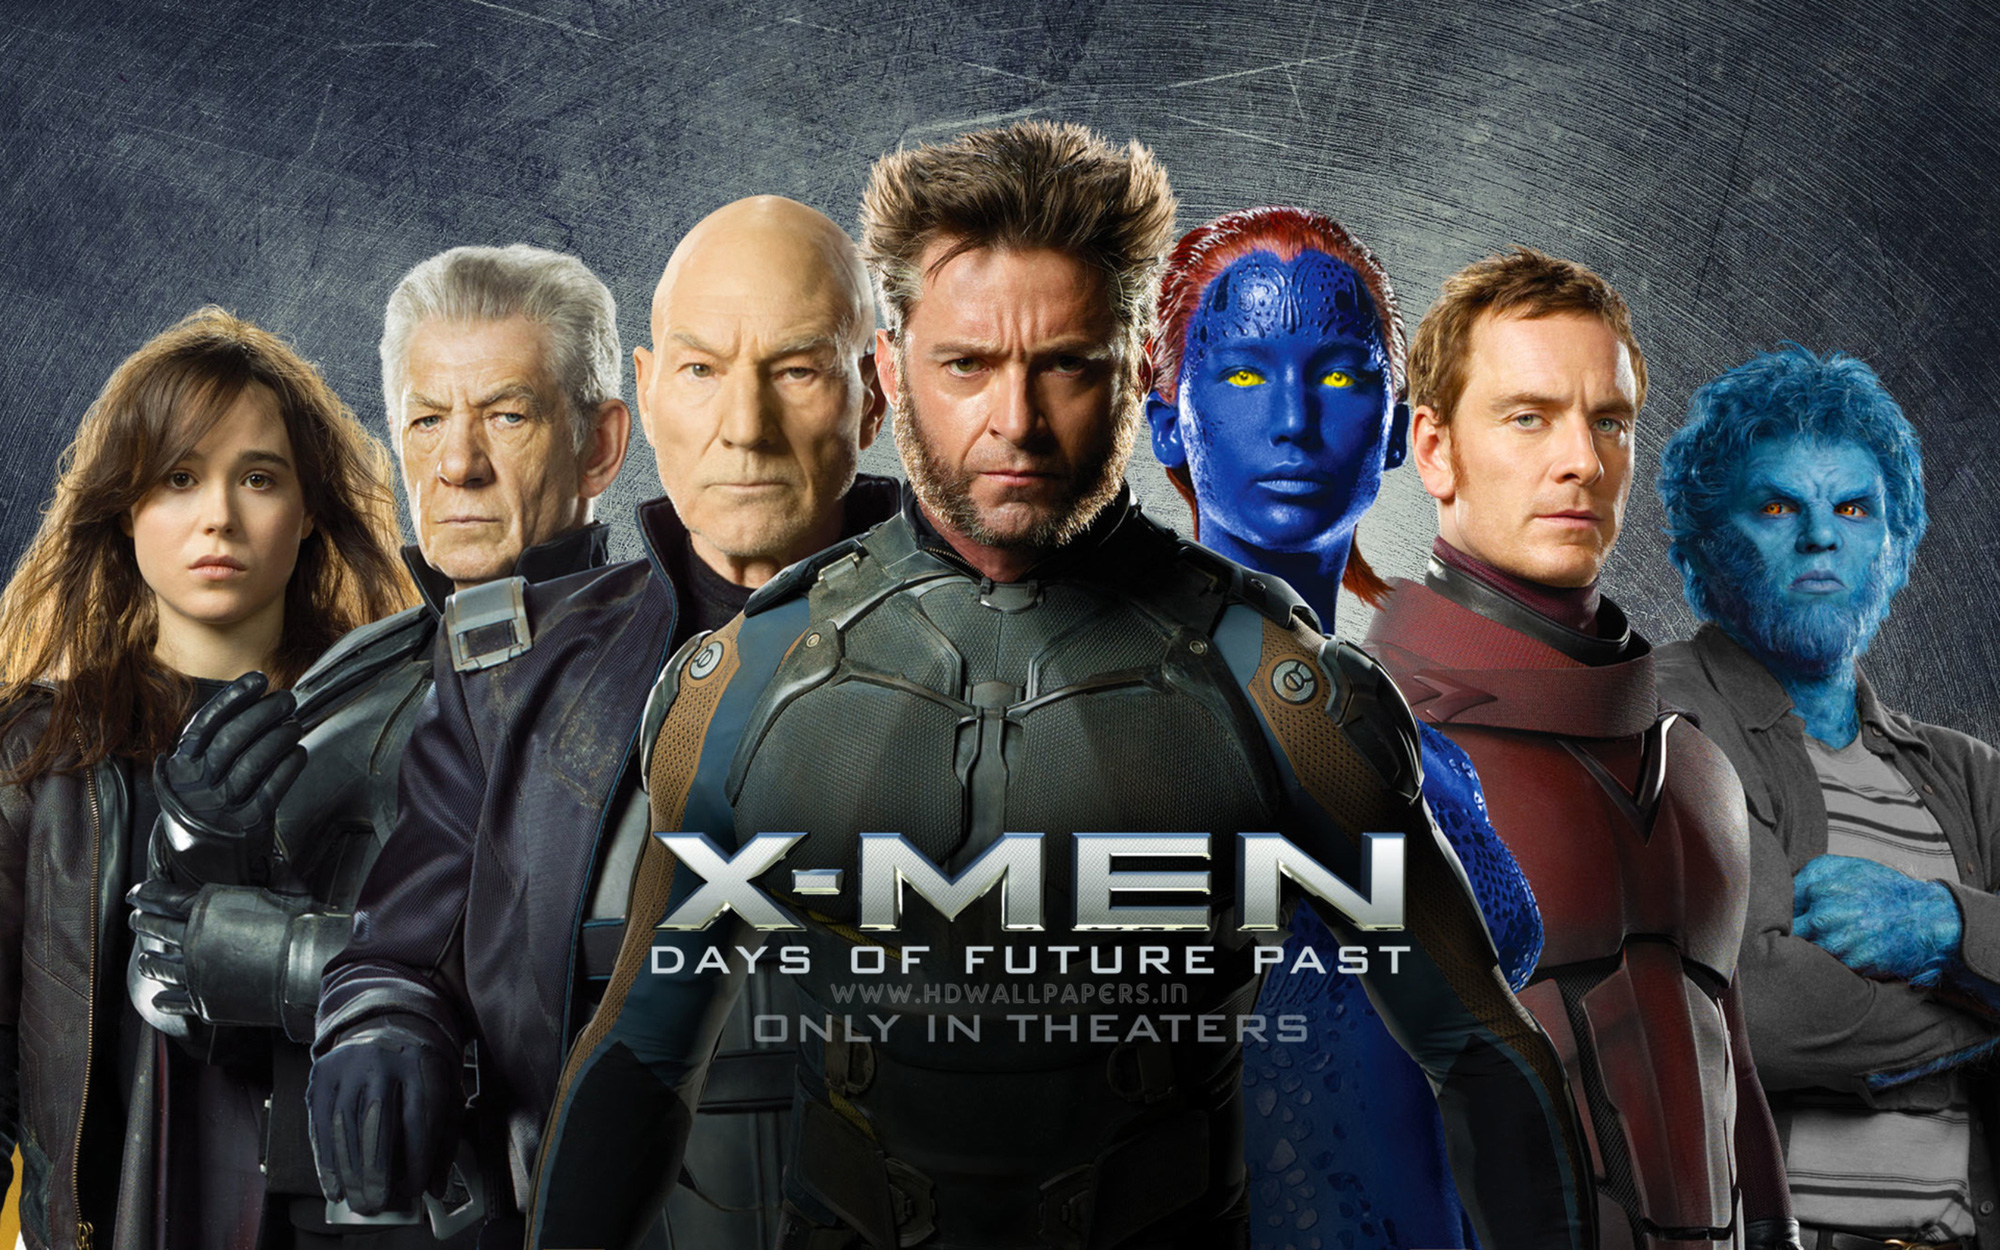 Cười nghiêng ngả với tên của các siêu anh hùng Marvel khi chuyển qua tiếng Trung, thoạt nghe tưởng đâu nhân vật trong tiểu thuyết kiếm hiệp-25